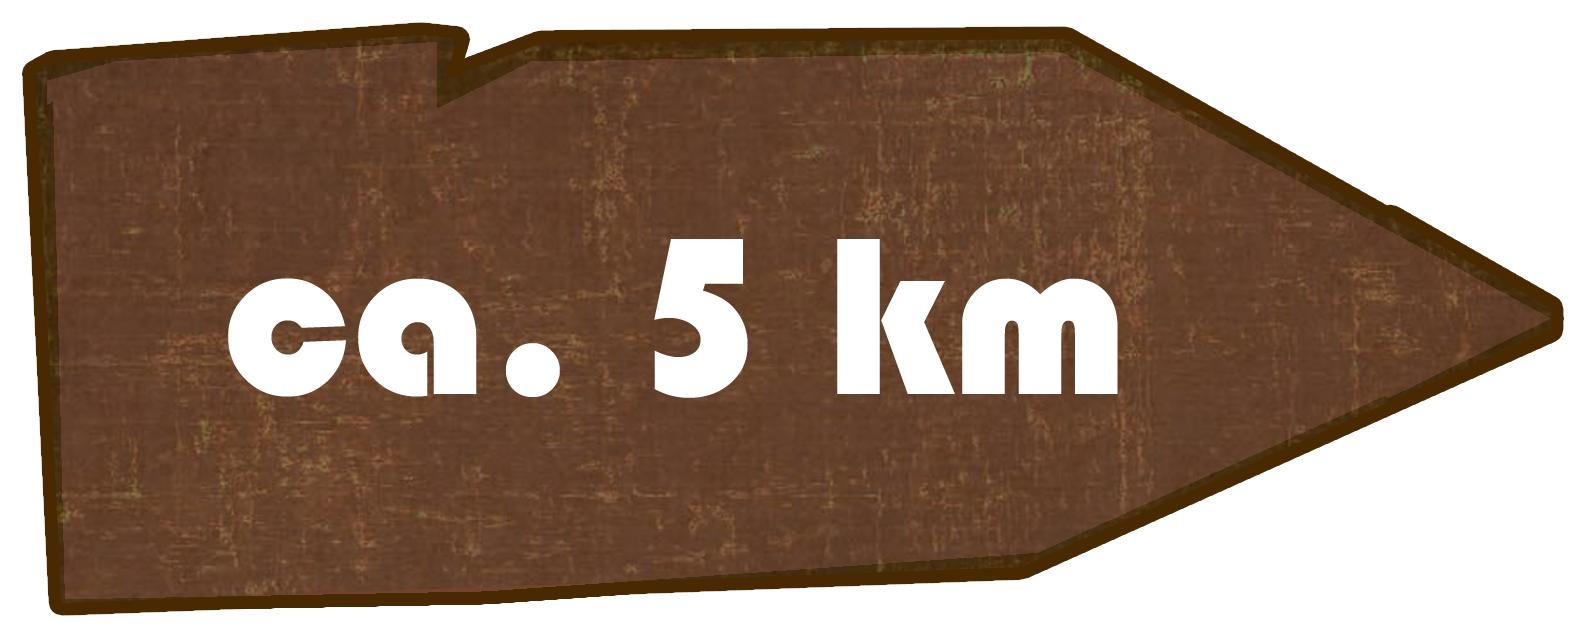 Kilometer Naturlehrpfad Kottmar